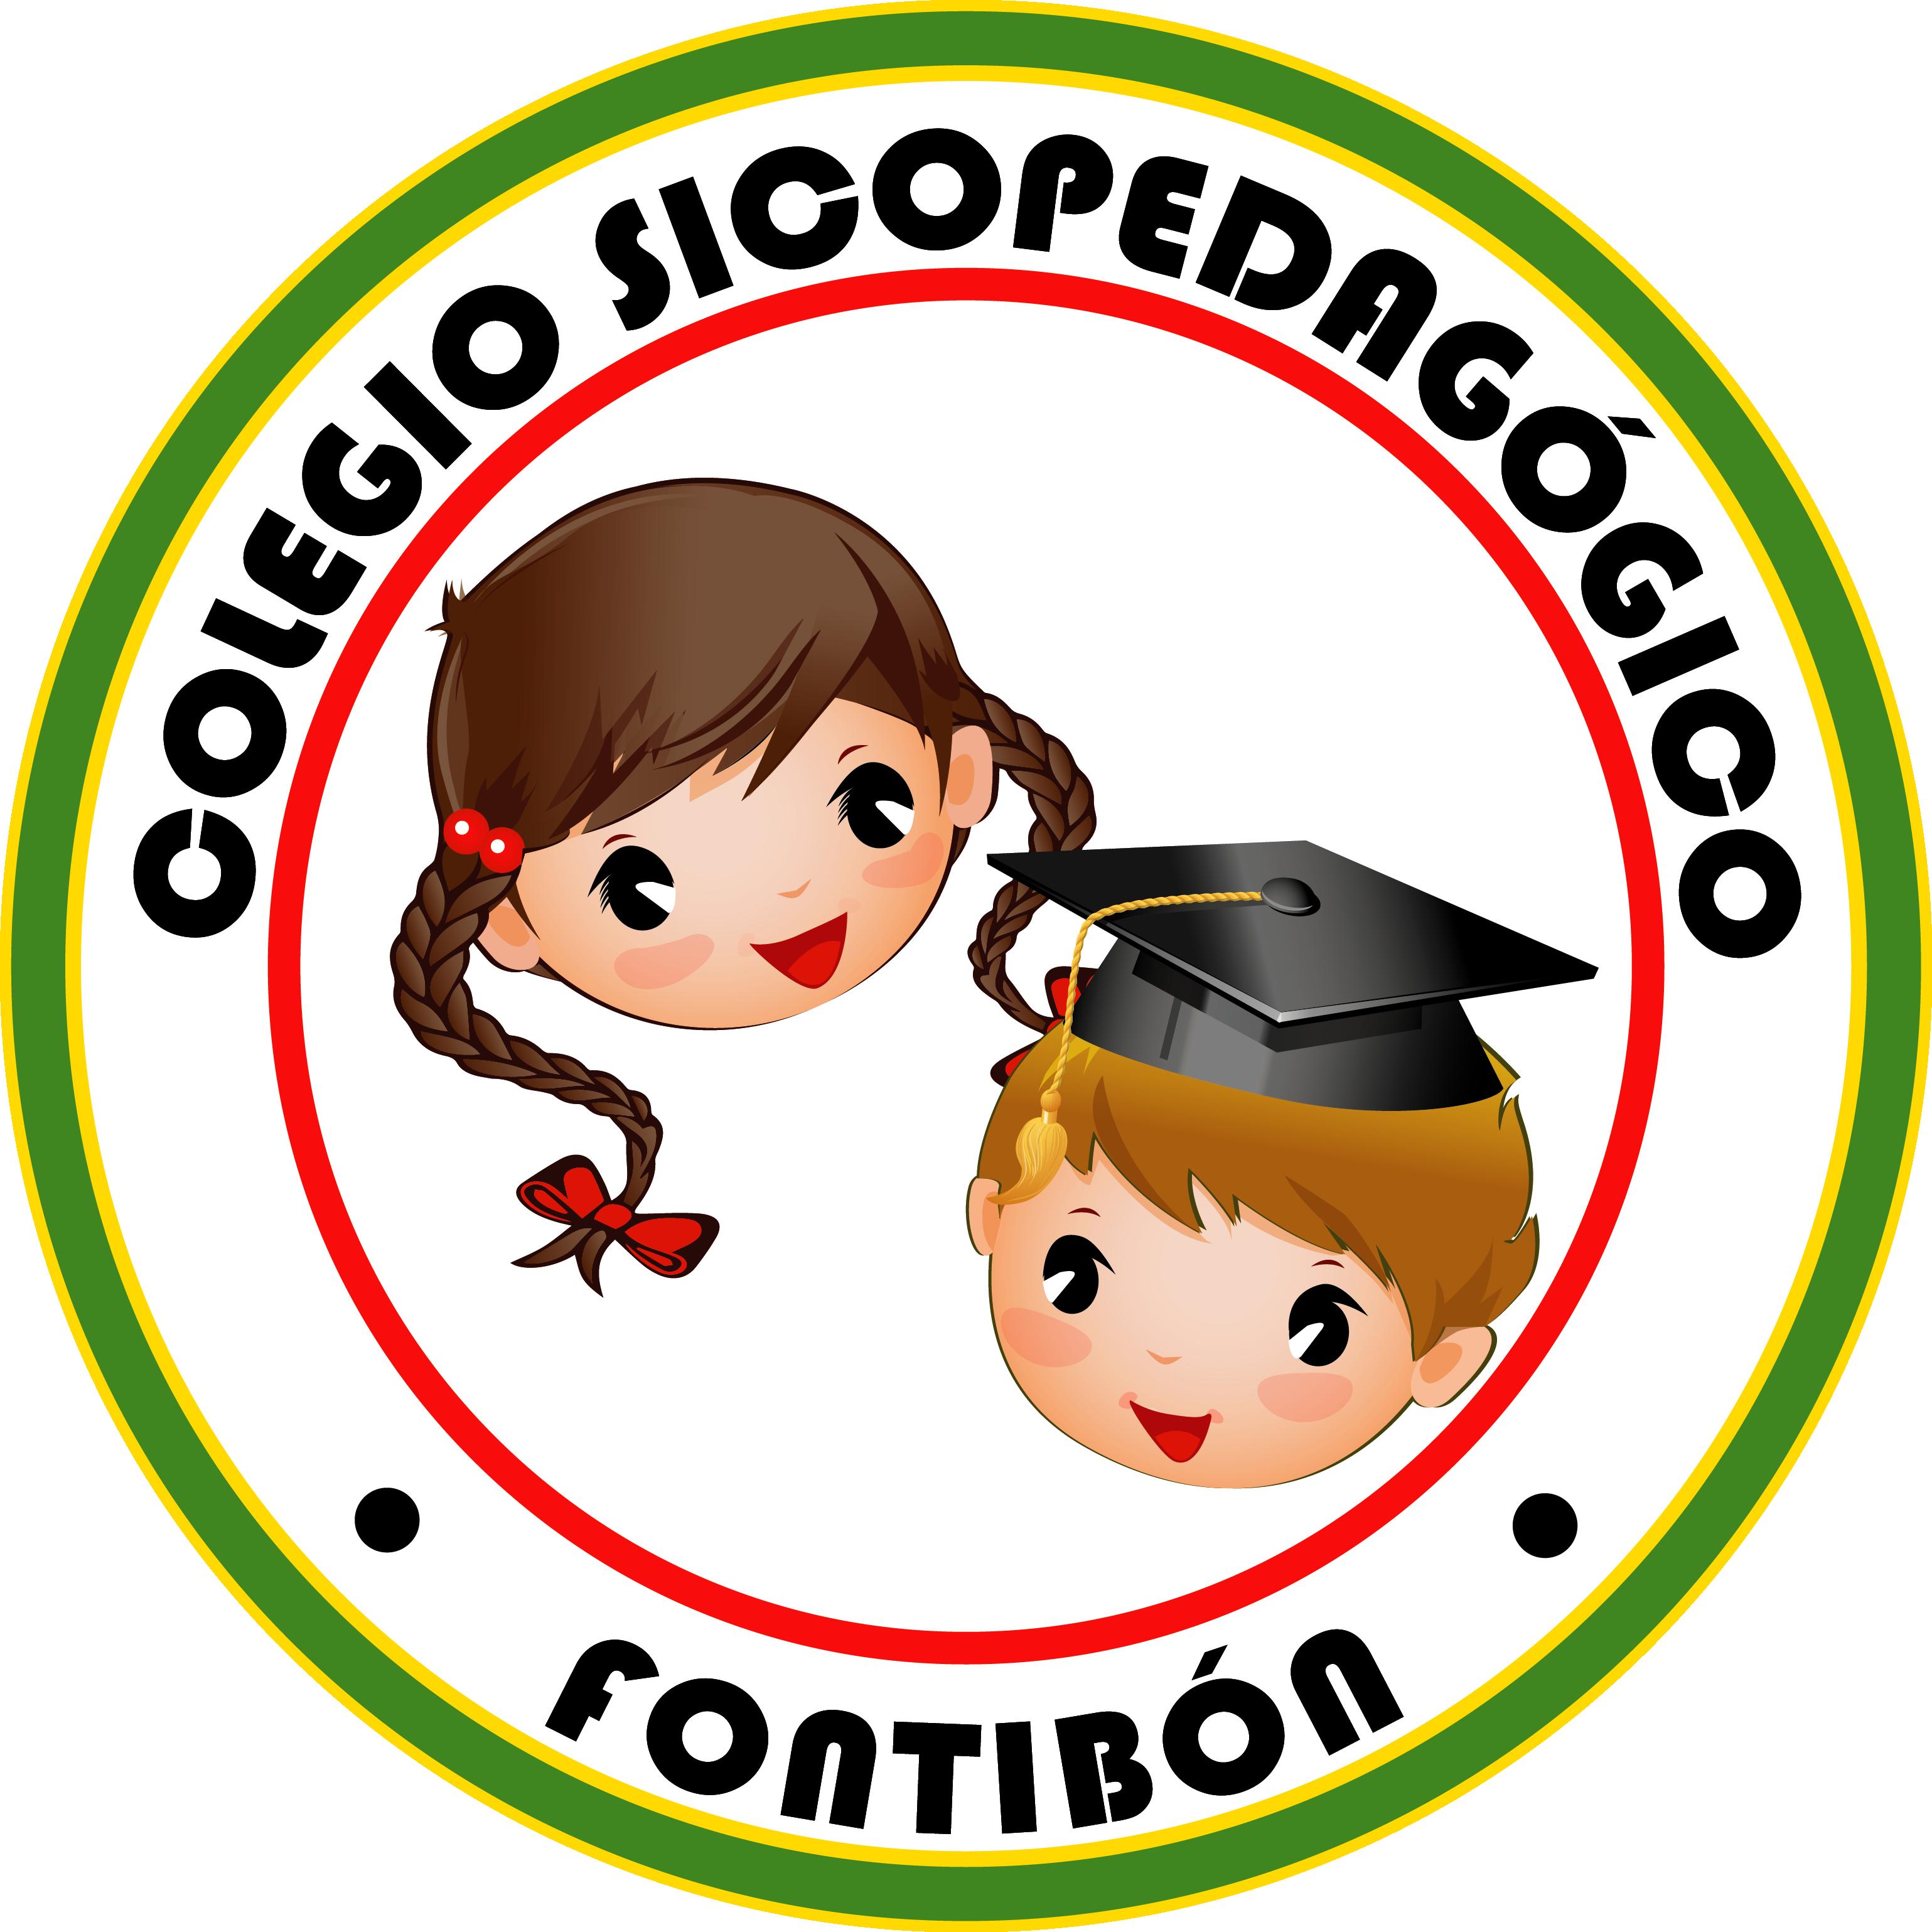 Colegio sicopedagogico